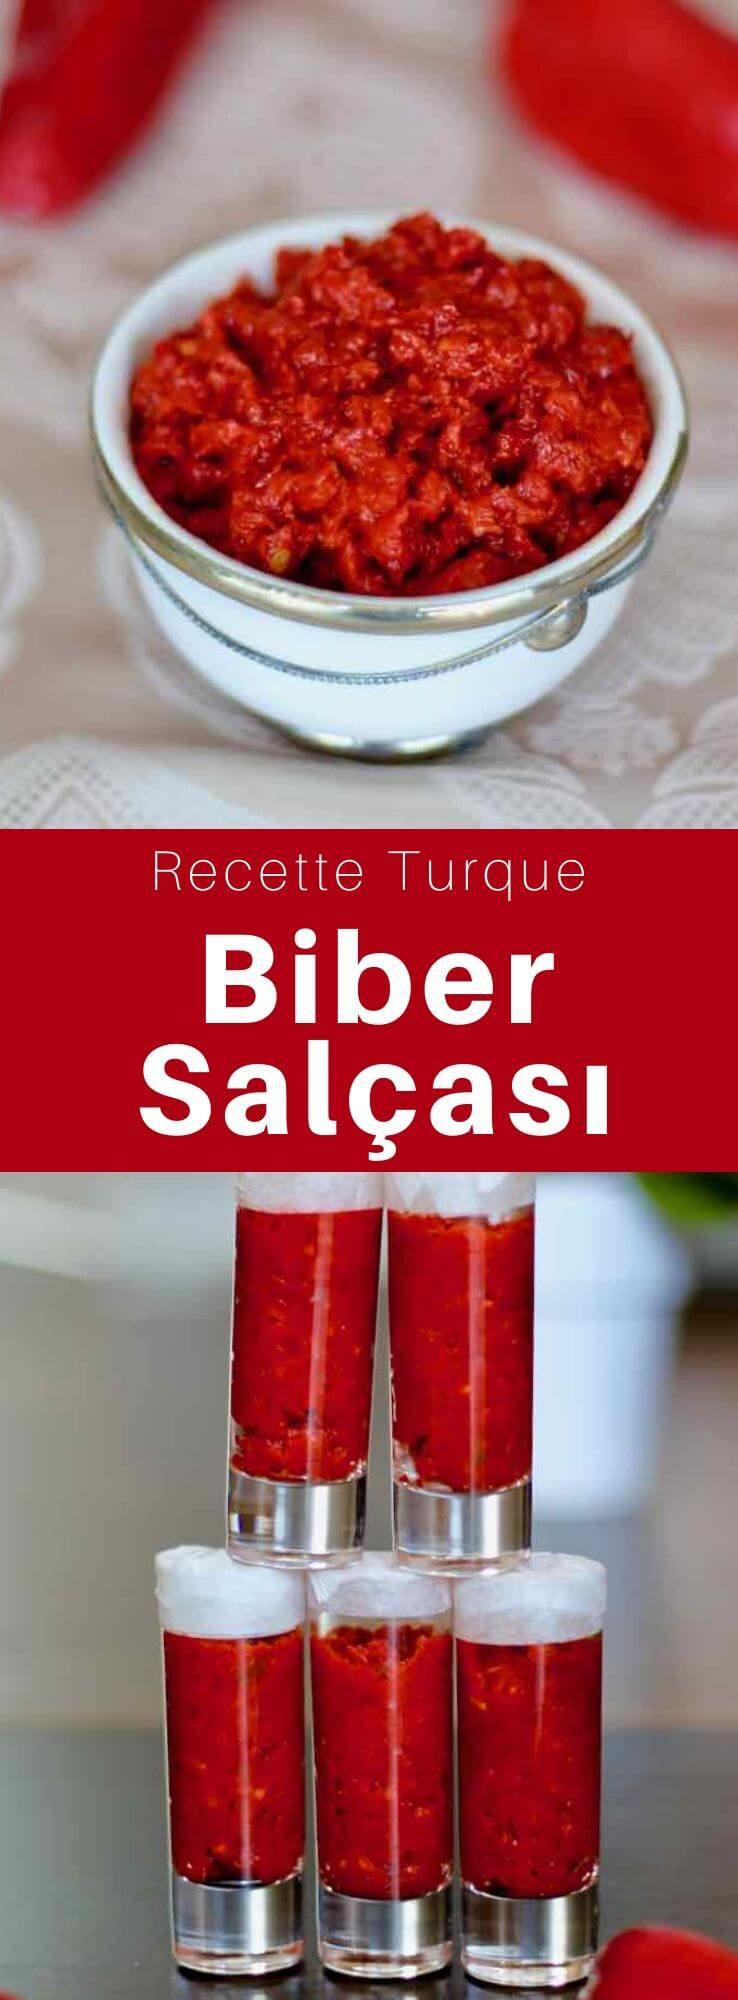 Tatlı biber salçası, de la pâte de piment doux et Acı biber salçası, de la pâte de piment forte sont les deux condiments les plus utilisés en Turquie. #Turquie #RecetteTurque #CuisineTurque #CuisineDuMonde #196flavors